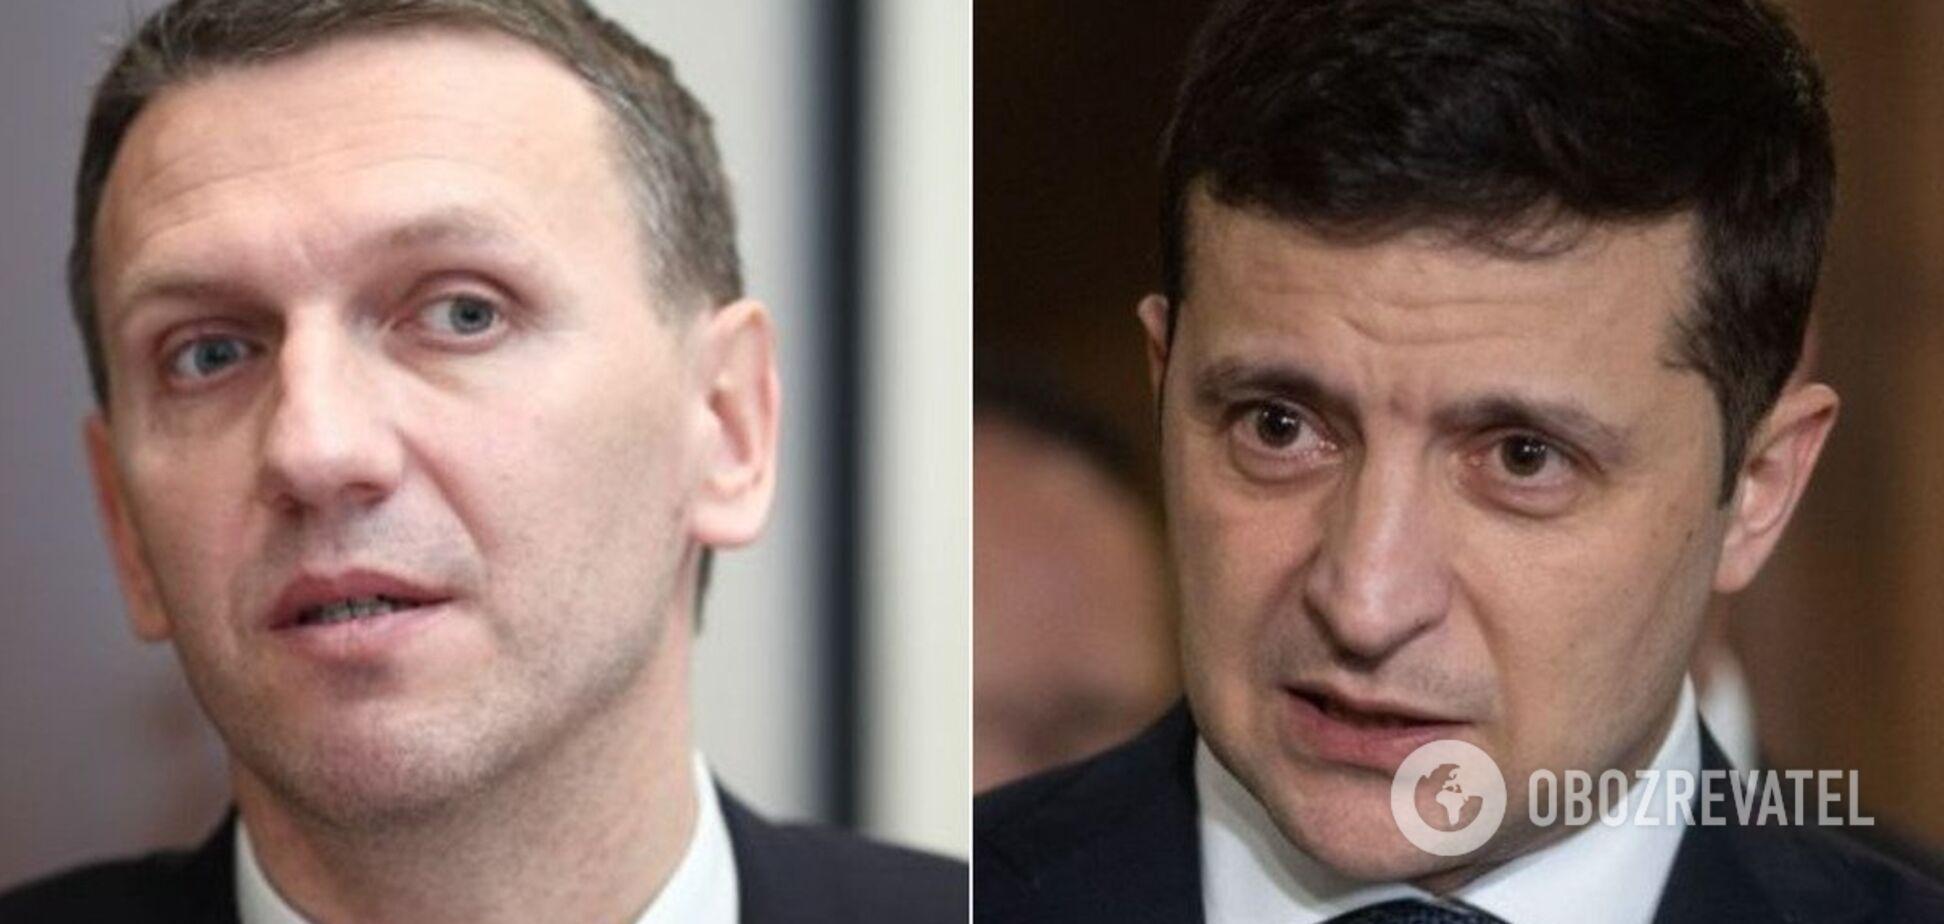 Иск против Зеленского: суд принял решение по заявлению Трубы